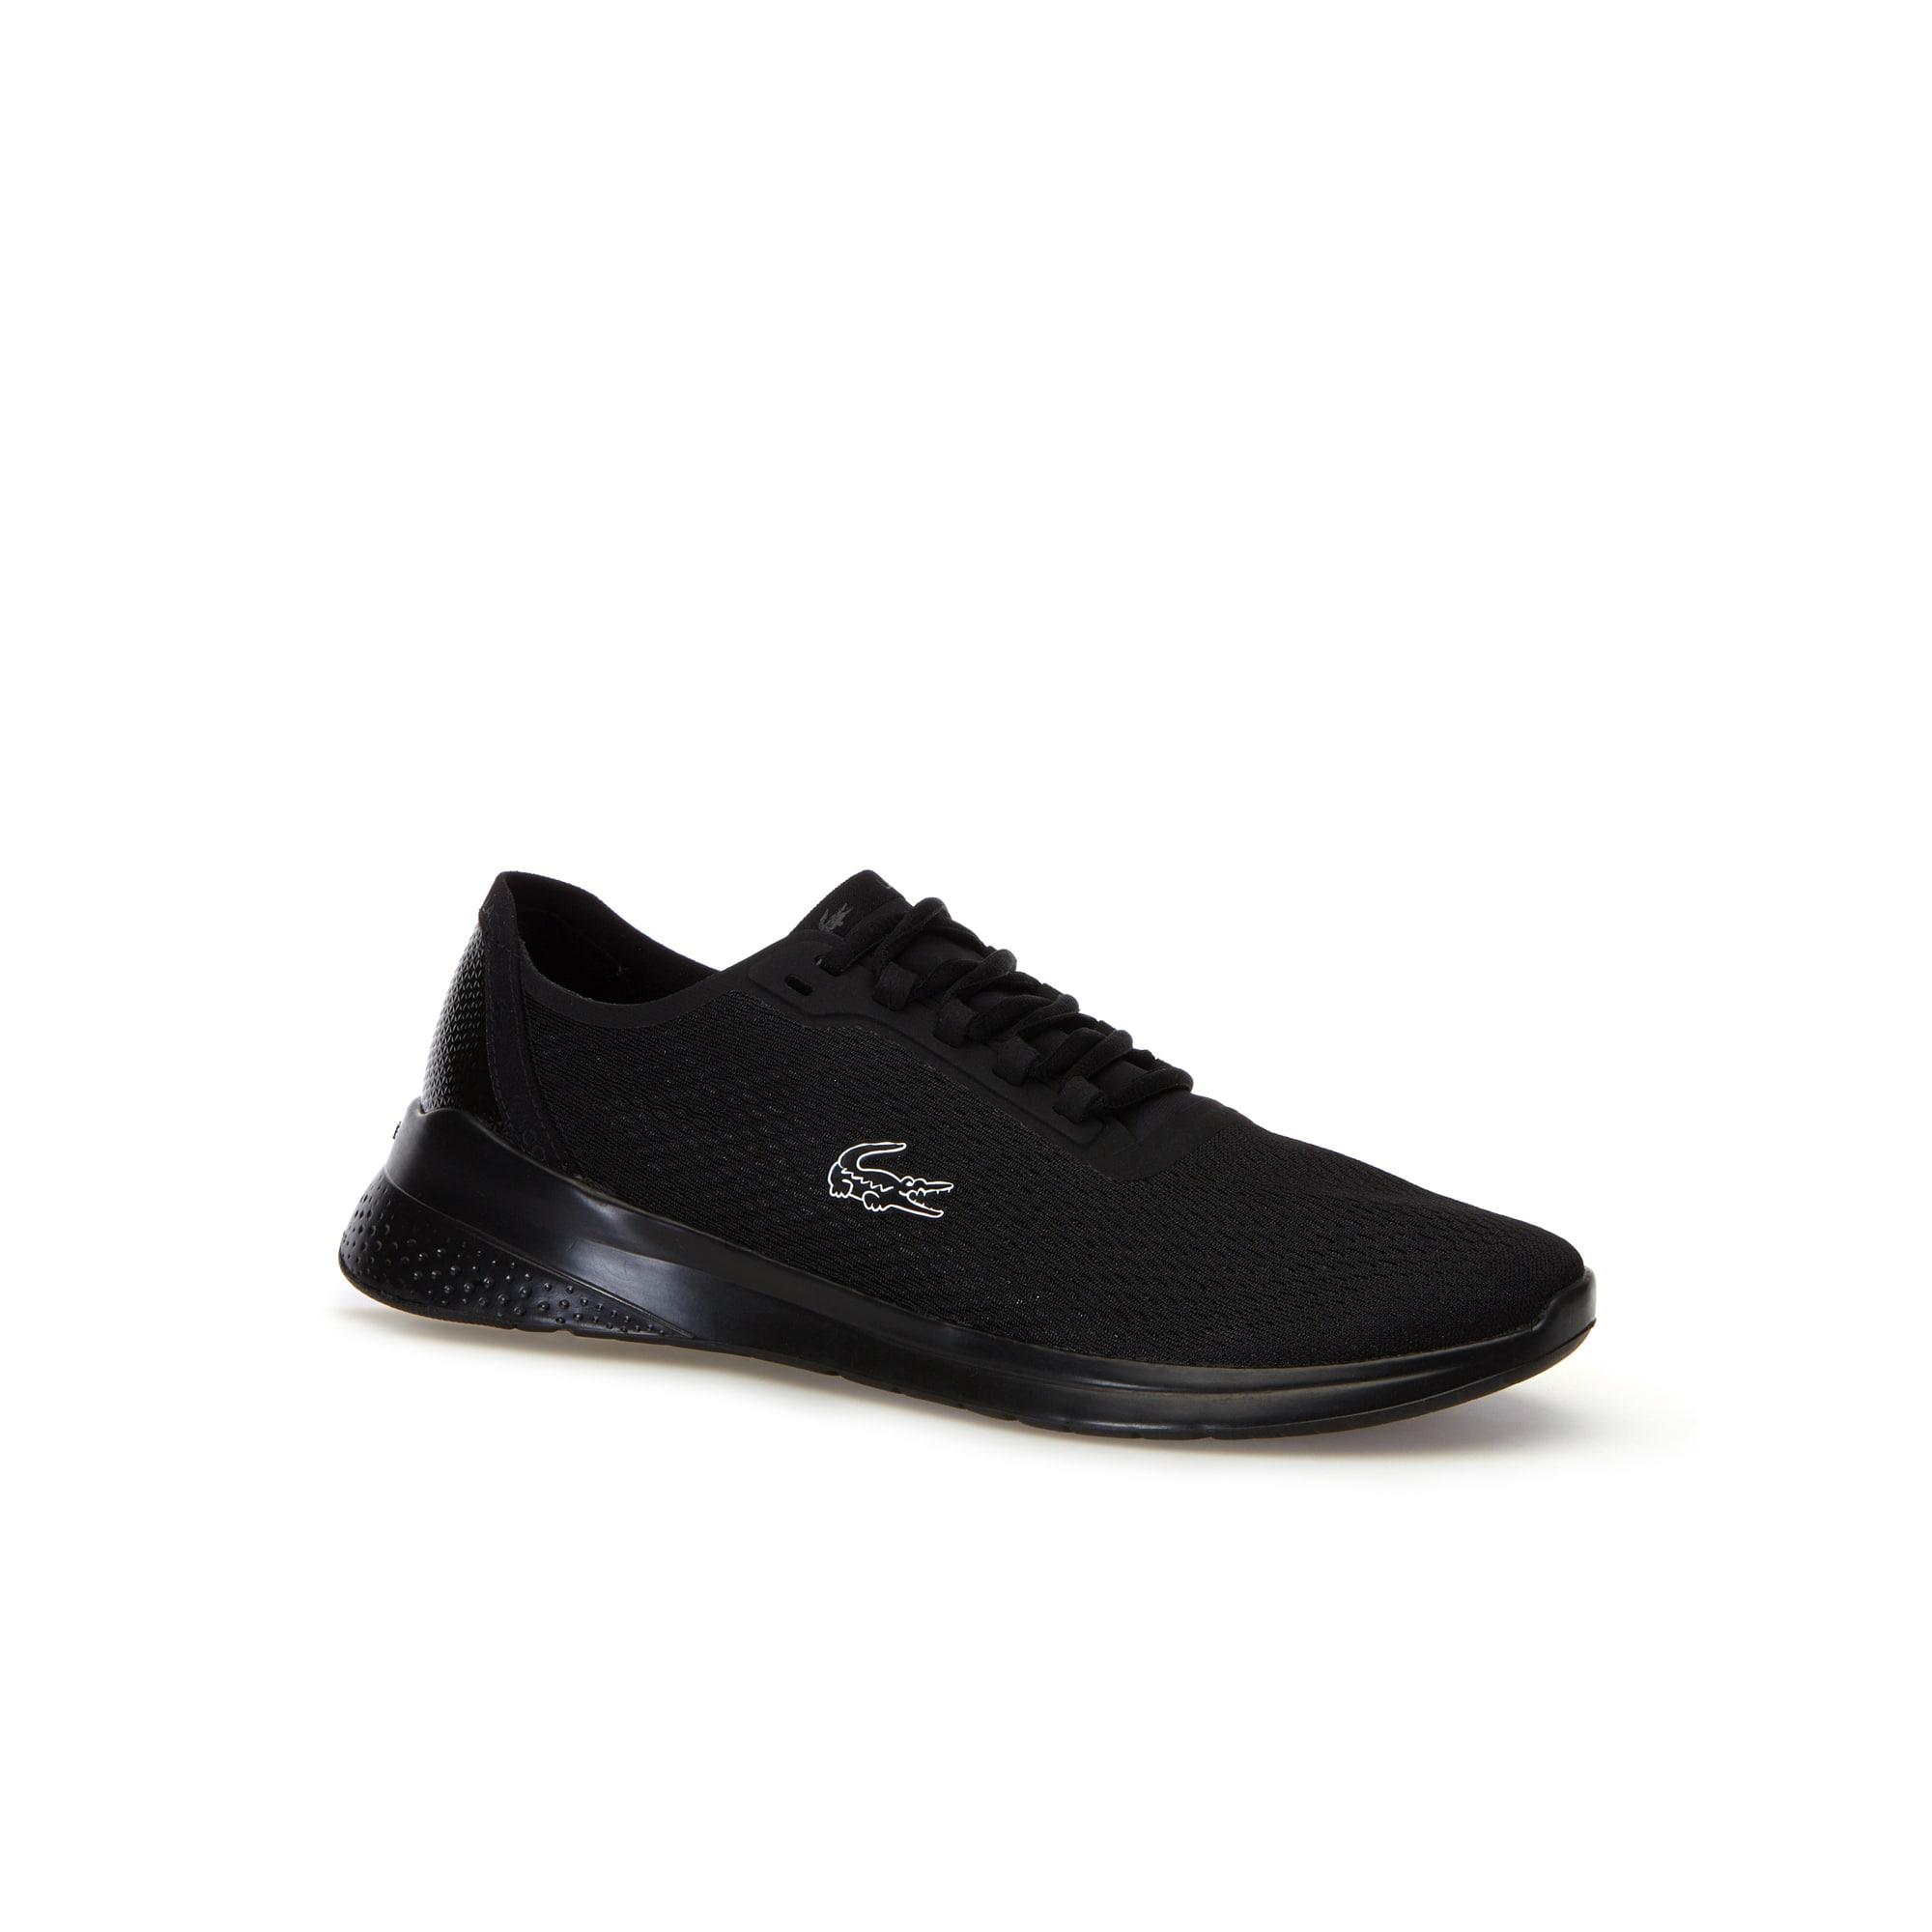 Zapatillas de hombre LT Fit SPORT de malla con efecto metálico